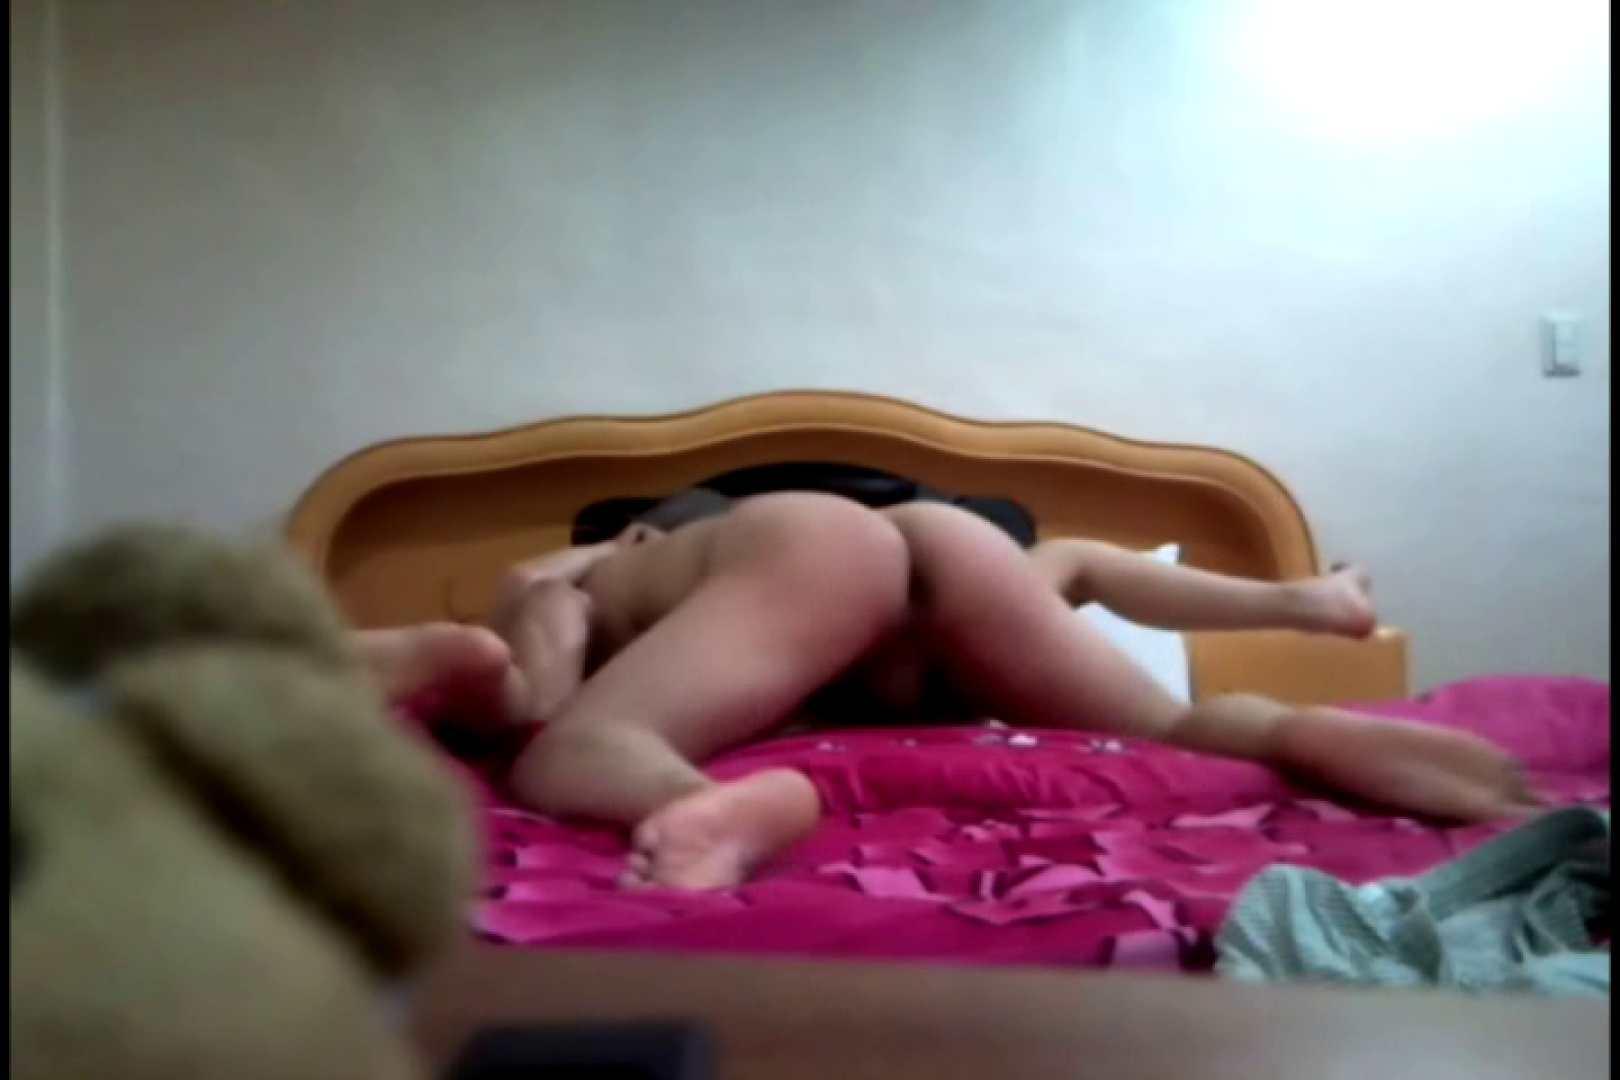 コリアン素人流出シリーズ ラブホテル隠し撮り 素人丸裸  78pic 20